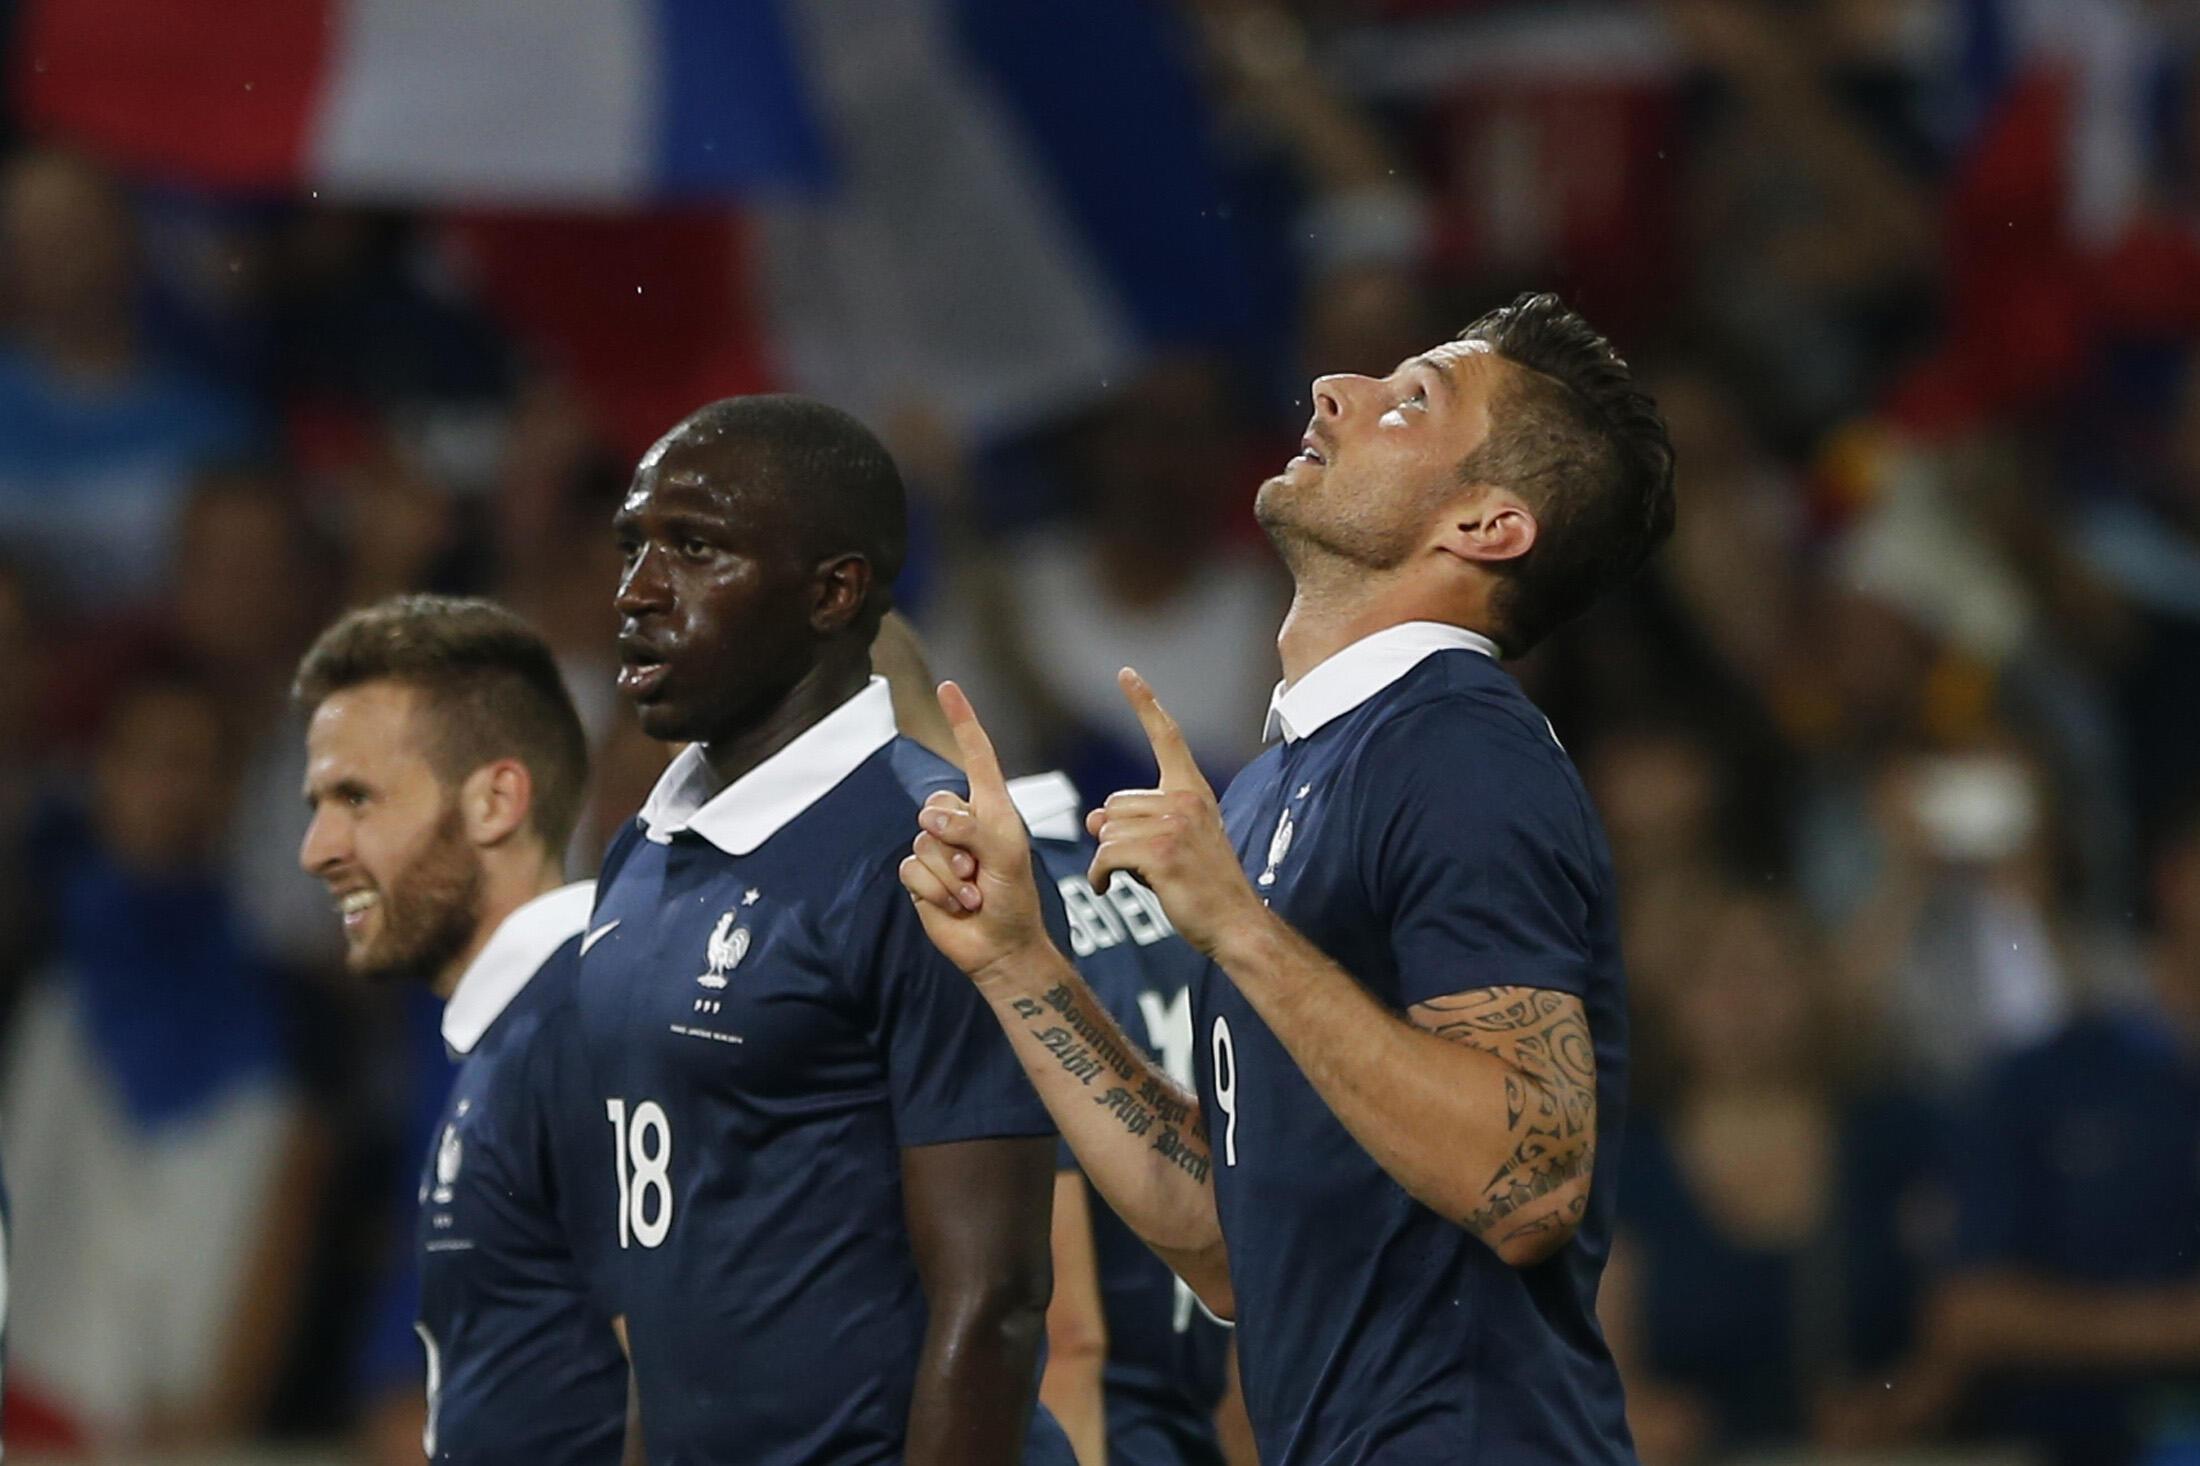 Seleção francesa vence a Jamaica por 8 a 0 em último amistoso antes da Copa do Mundo.